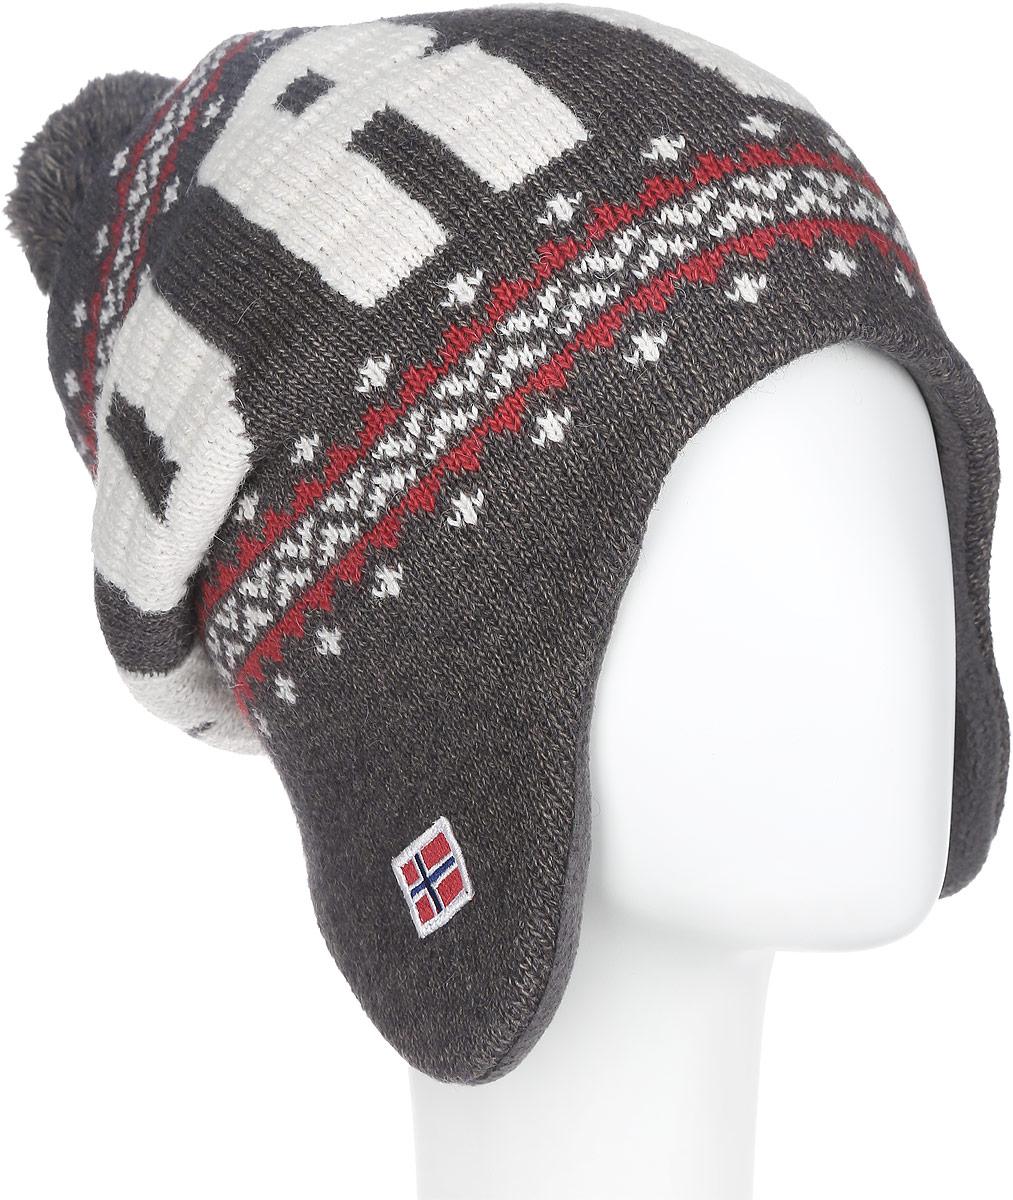 Шапка женская. 43744374Женская шапка Noryalli отлично подойдет для холодной погоды. Изготовленная из мягкой пряжи смешанного состава, она обладает хорошими дышащими свойствами и хорошо удерживает тепло. Подкладка из мягкого флиса обеспечит дополнительную теплоизоляцию и комфорт. Шапка очень практична, благодаря длинным ушкам вам будет не страшна даже самая ветреная погода. Оформлена модель помпоном на макушке, оригинальным узором, надписью Norway и небольшой нашивкой в виде норвежского флага. Такая шапка может стать настоящей изюминкой, способной привнести нужный акцент в ваш образ!